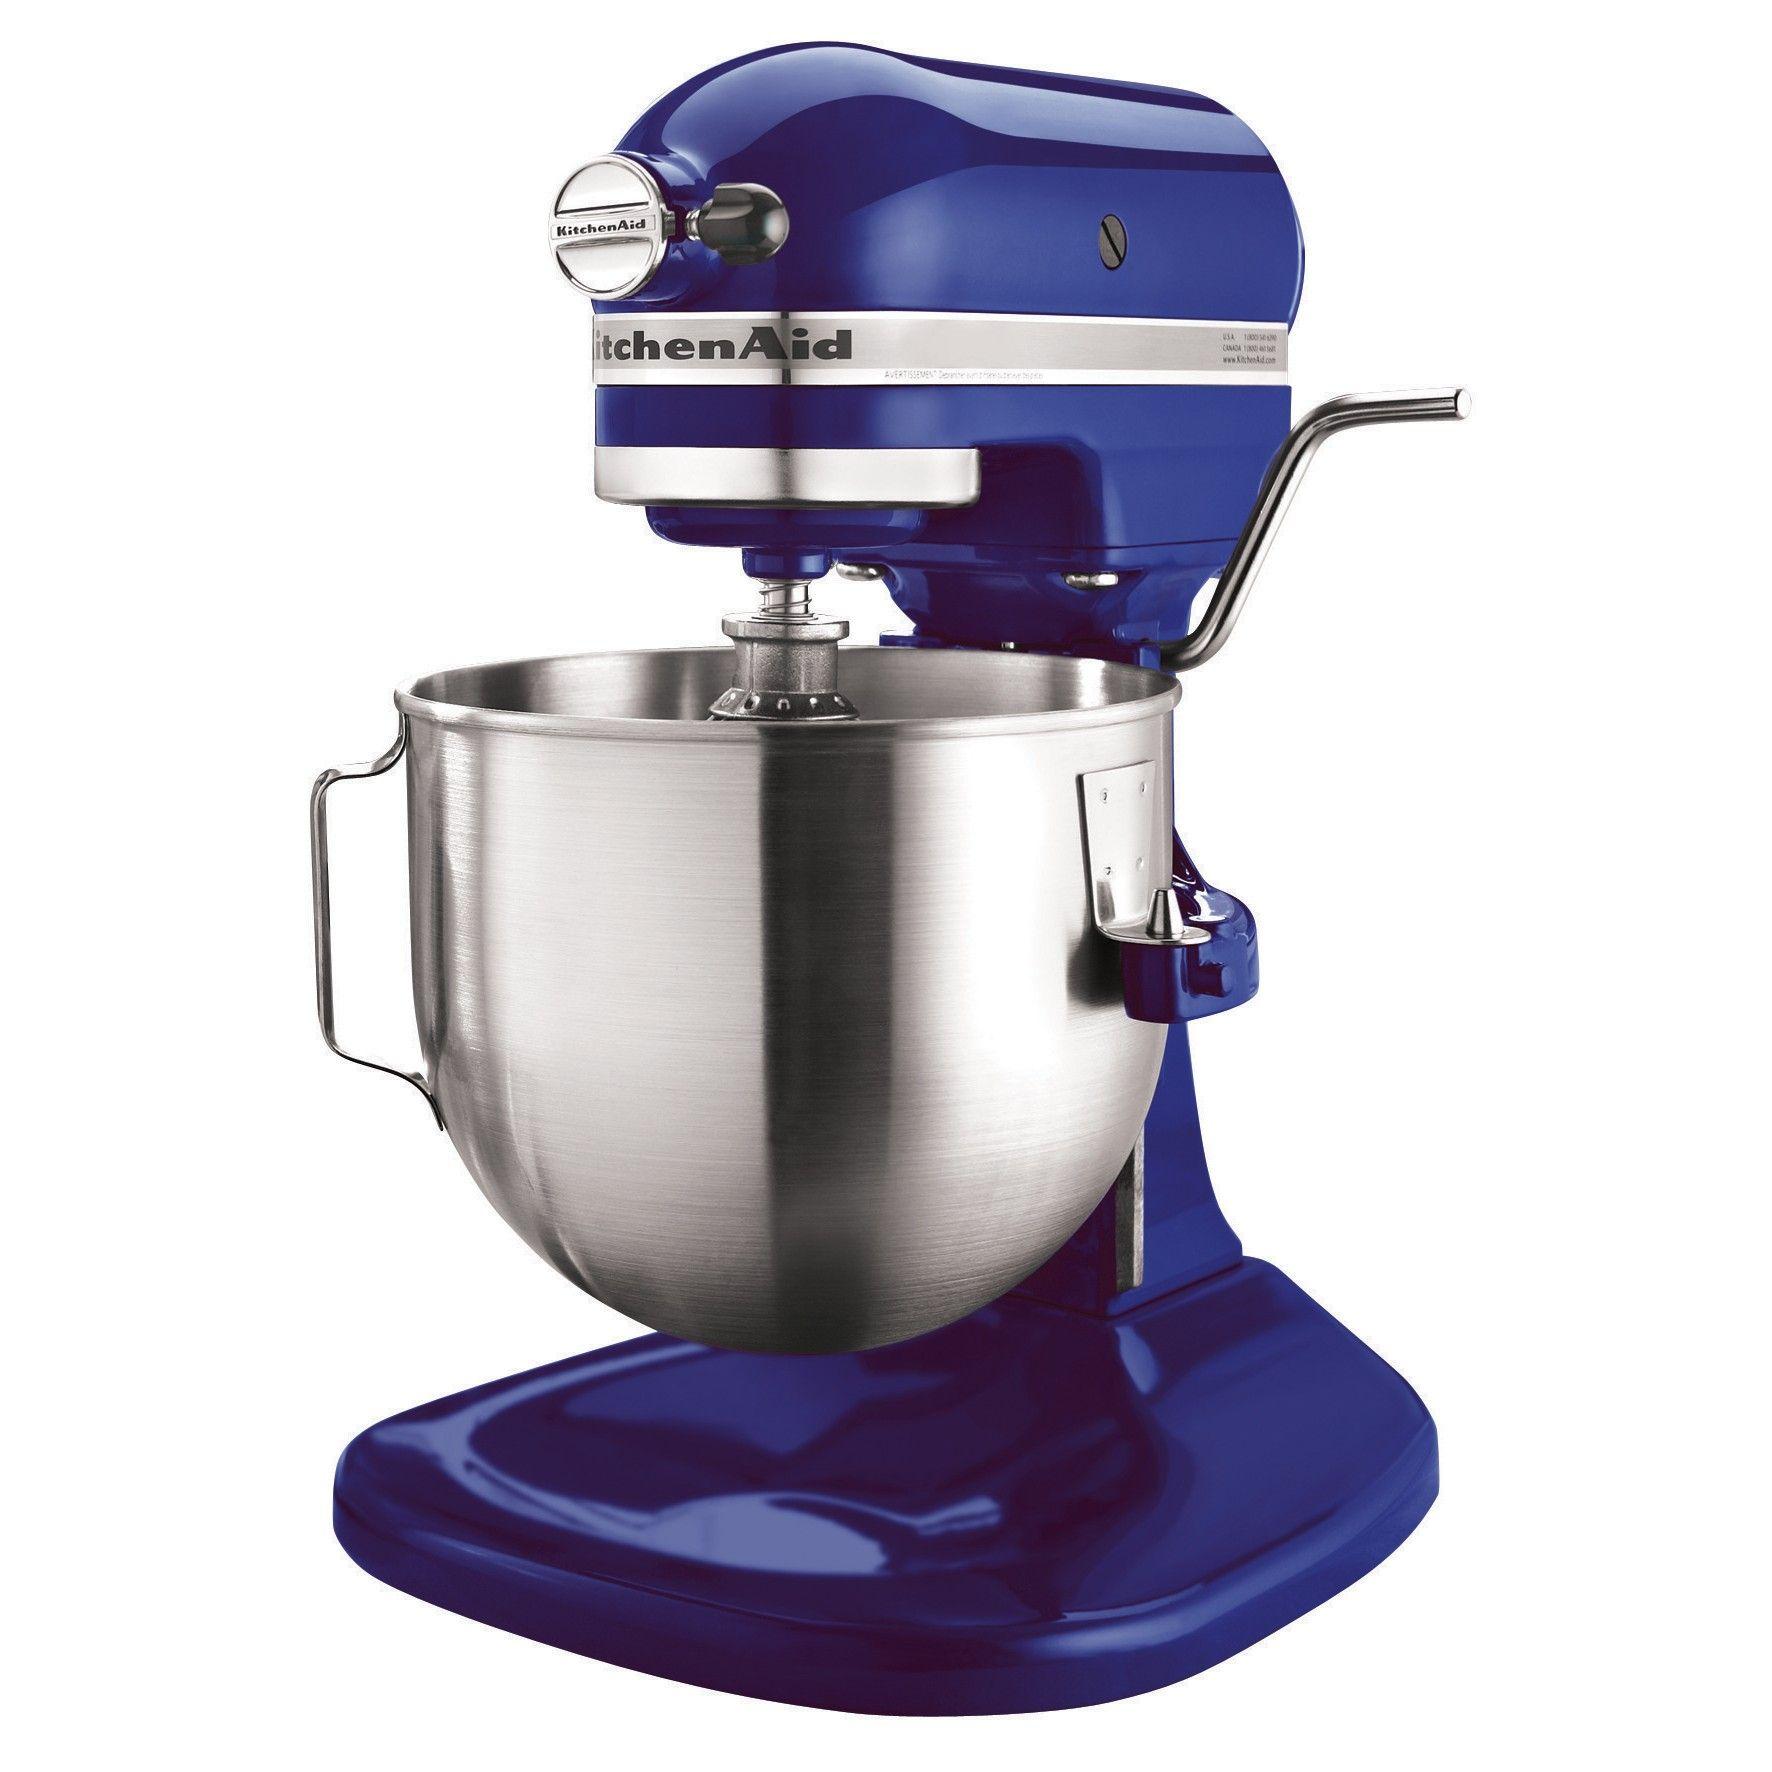 Kitchenaid k5 deluxe stand mixer kitchenaid j to l